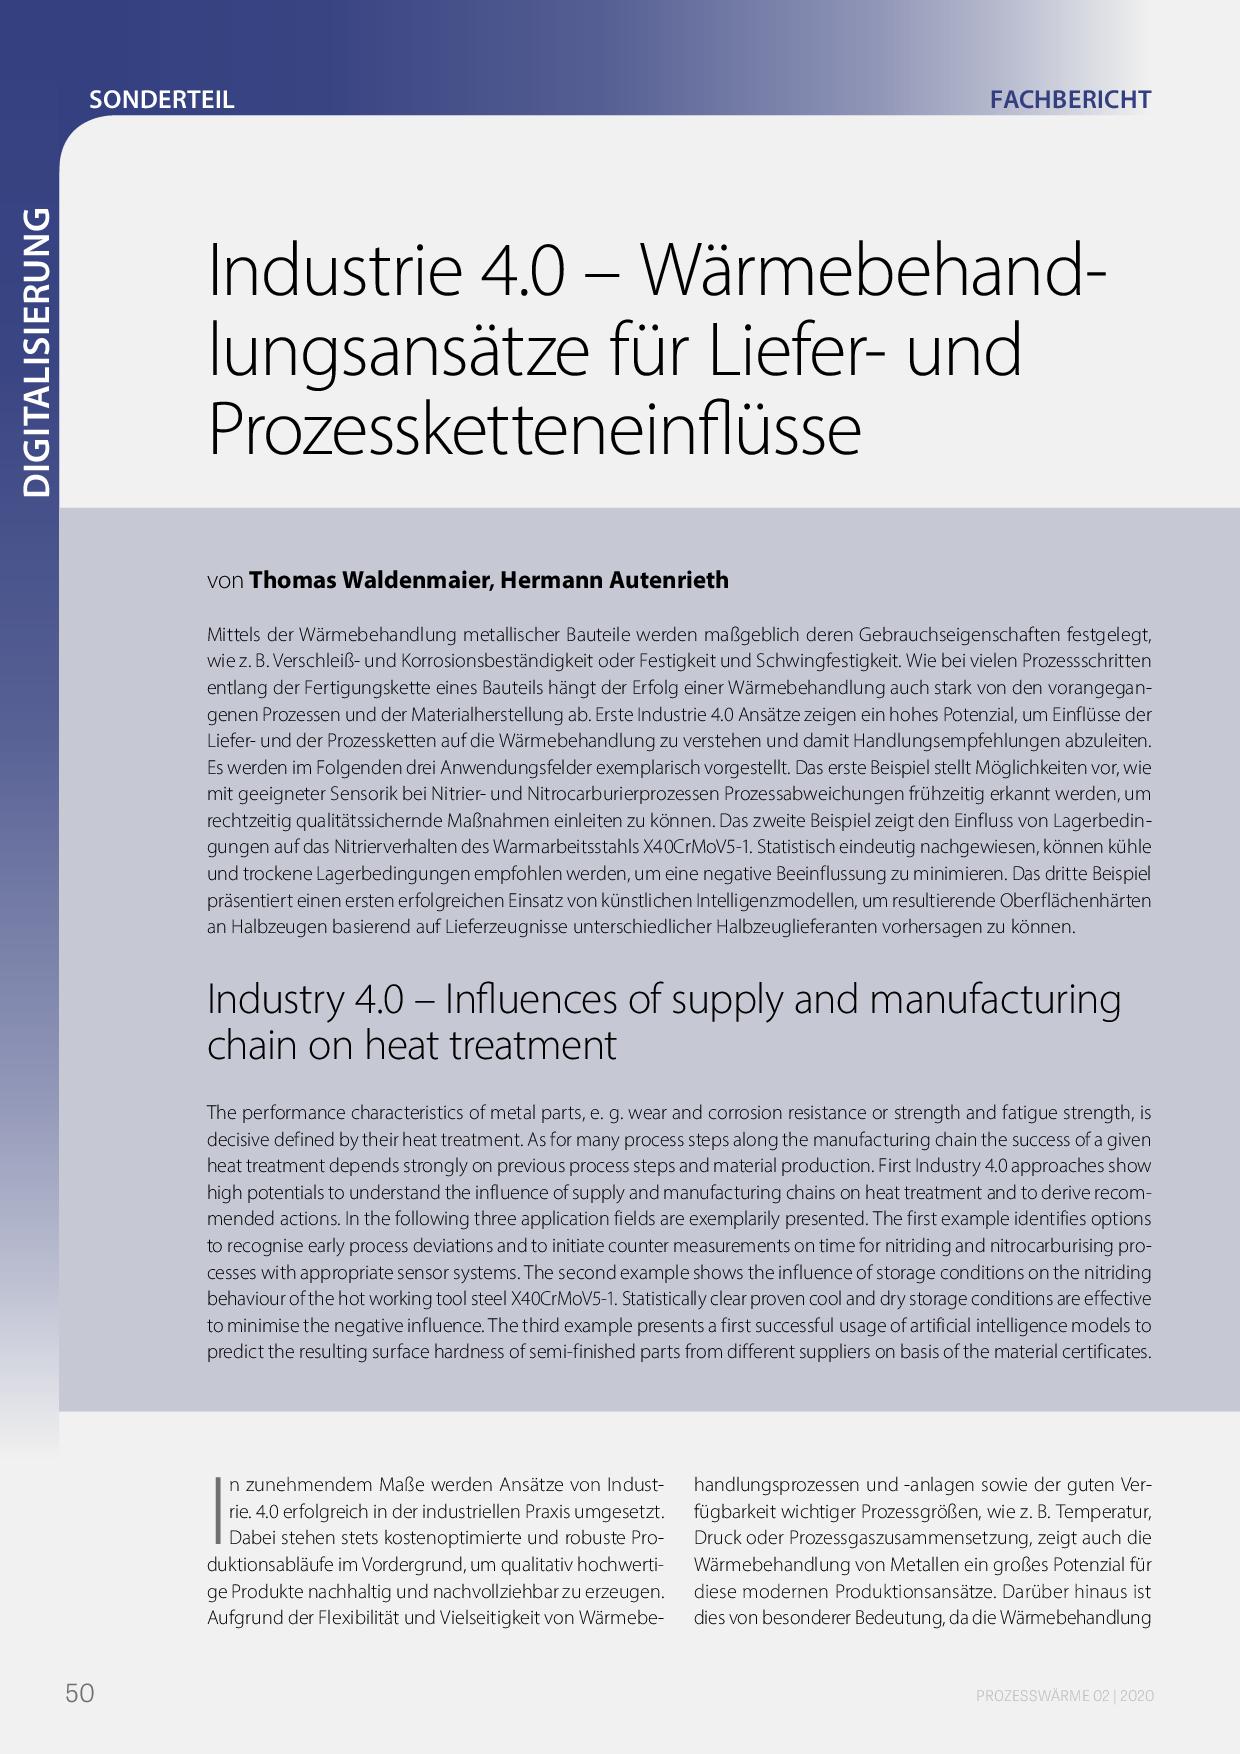 Industrie 4.0 – Wärmebehandlungsansätze für Liefer- und Prozessketteneinflüsse